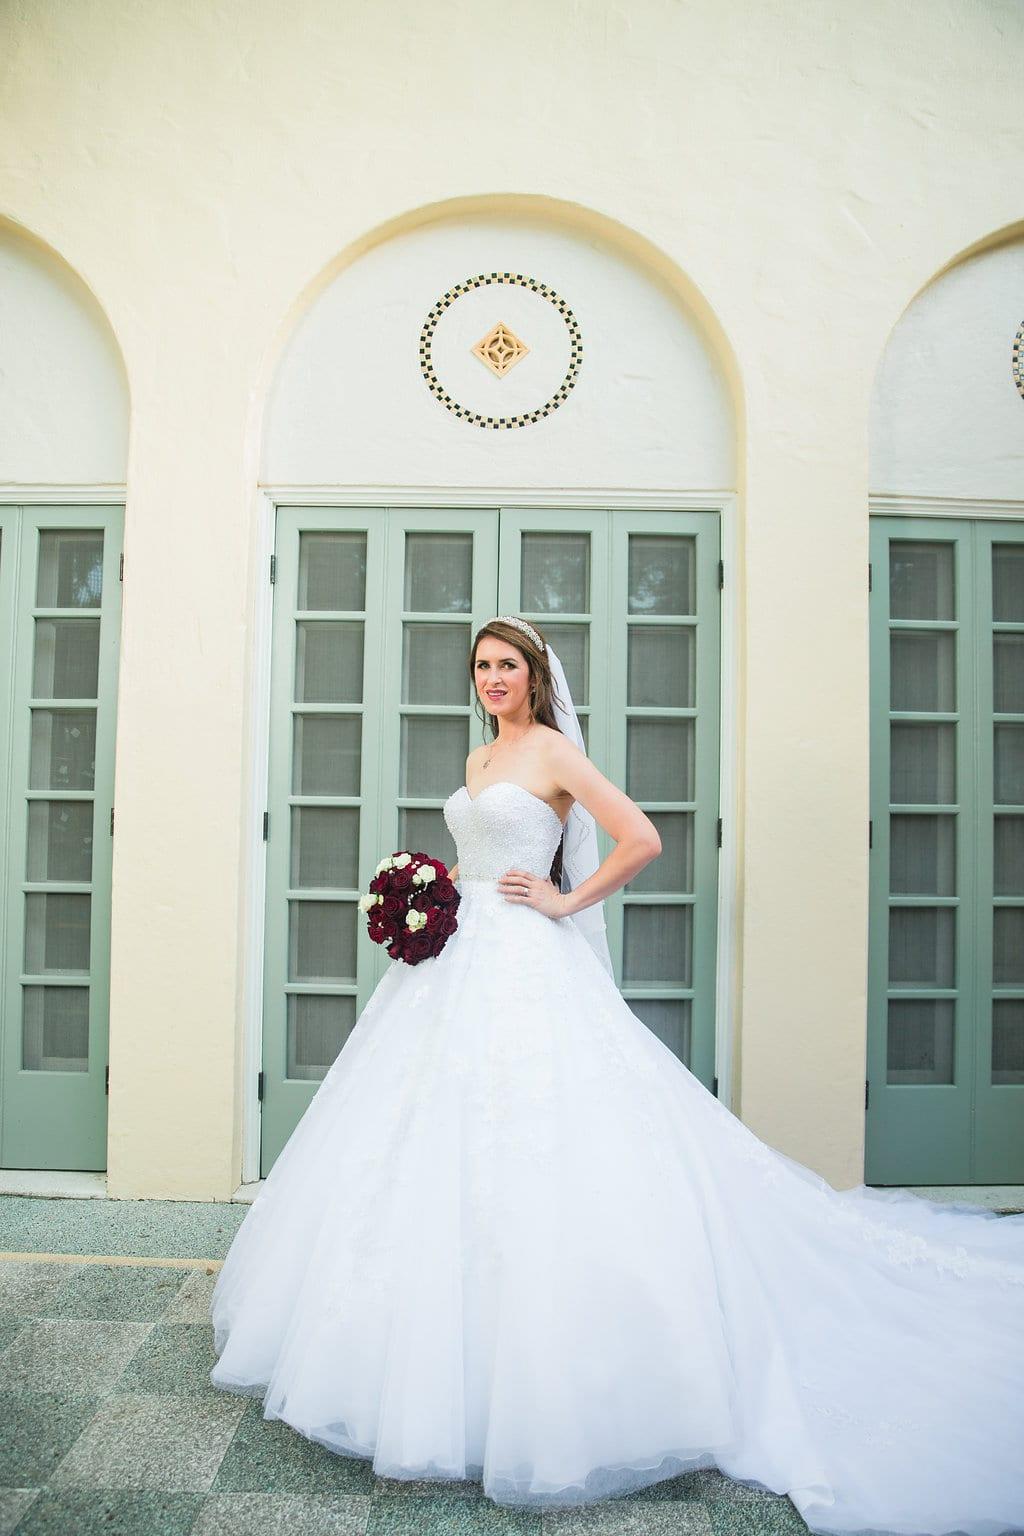 Laura's bridal at Landa Library large window